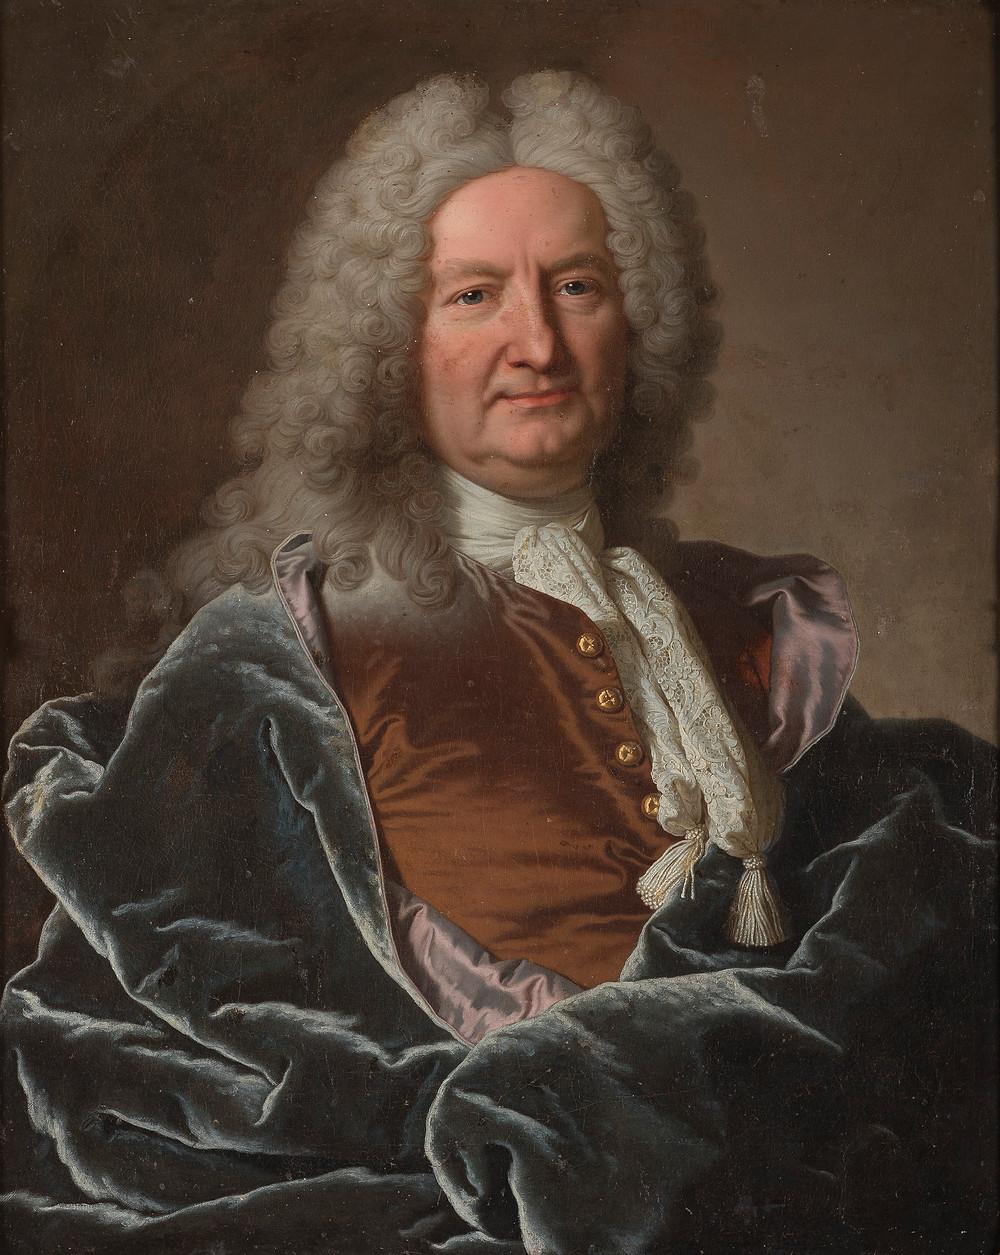 Hyacinthe Rigaud et atelier, Jean François de La Porte, 1733, château de Meslay, collection particulière